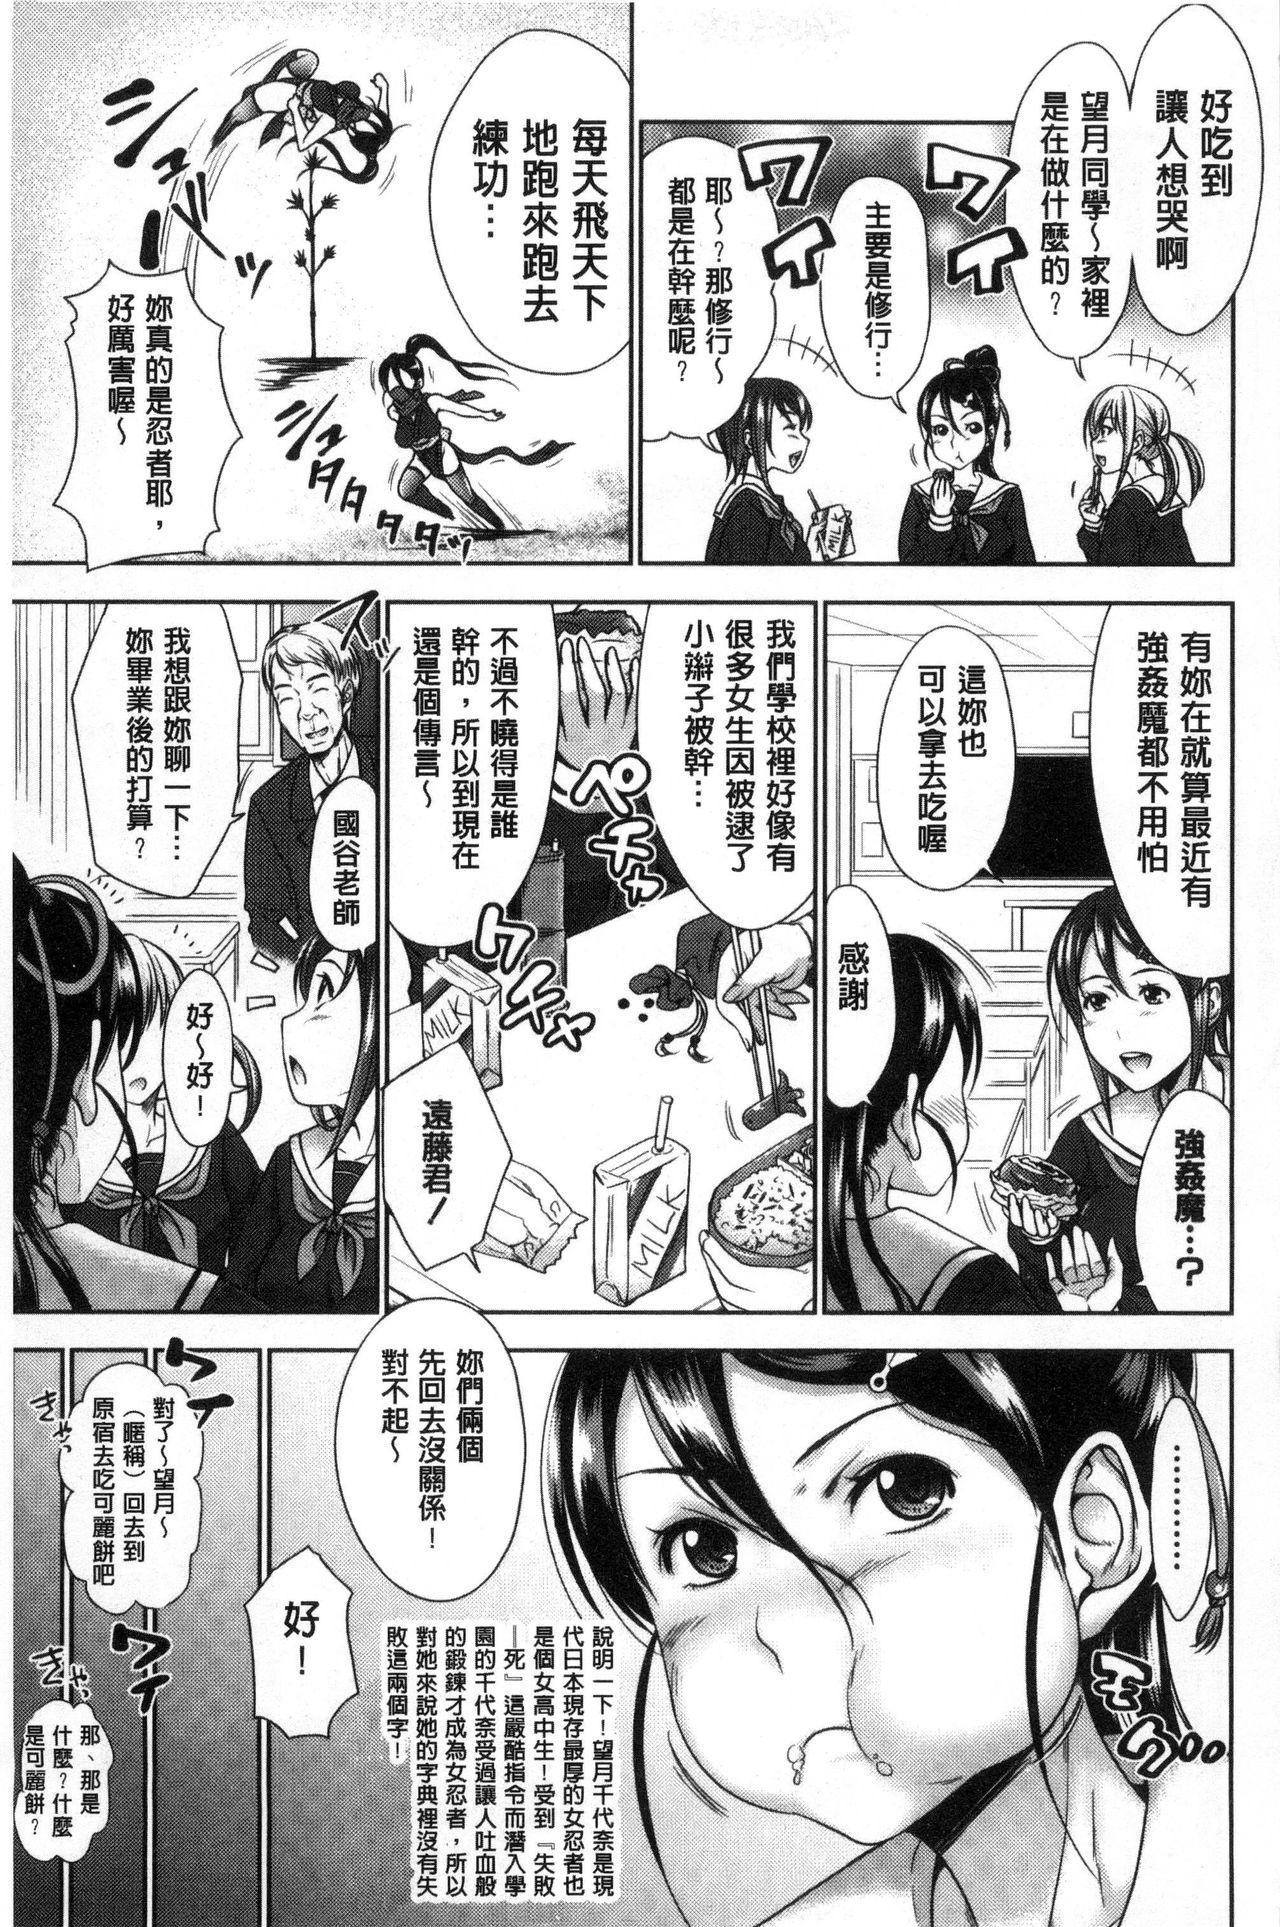 [Takuwan] Sanshimai Show Time -Moshi Ore ga 10-nen mae no Sugata de Seishun Yarinaosetara- | 三姉妹ShowTime -如果我以10年前的模樣青春再玩一次的話- [Chinese] 184